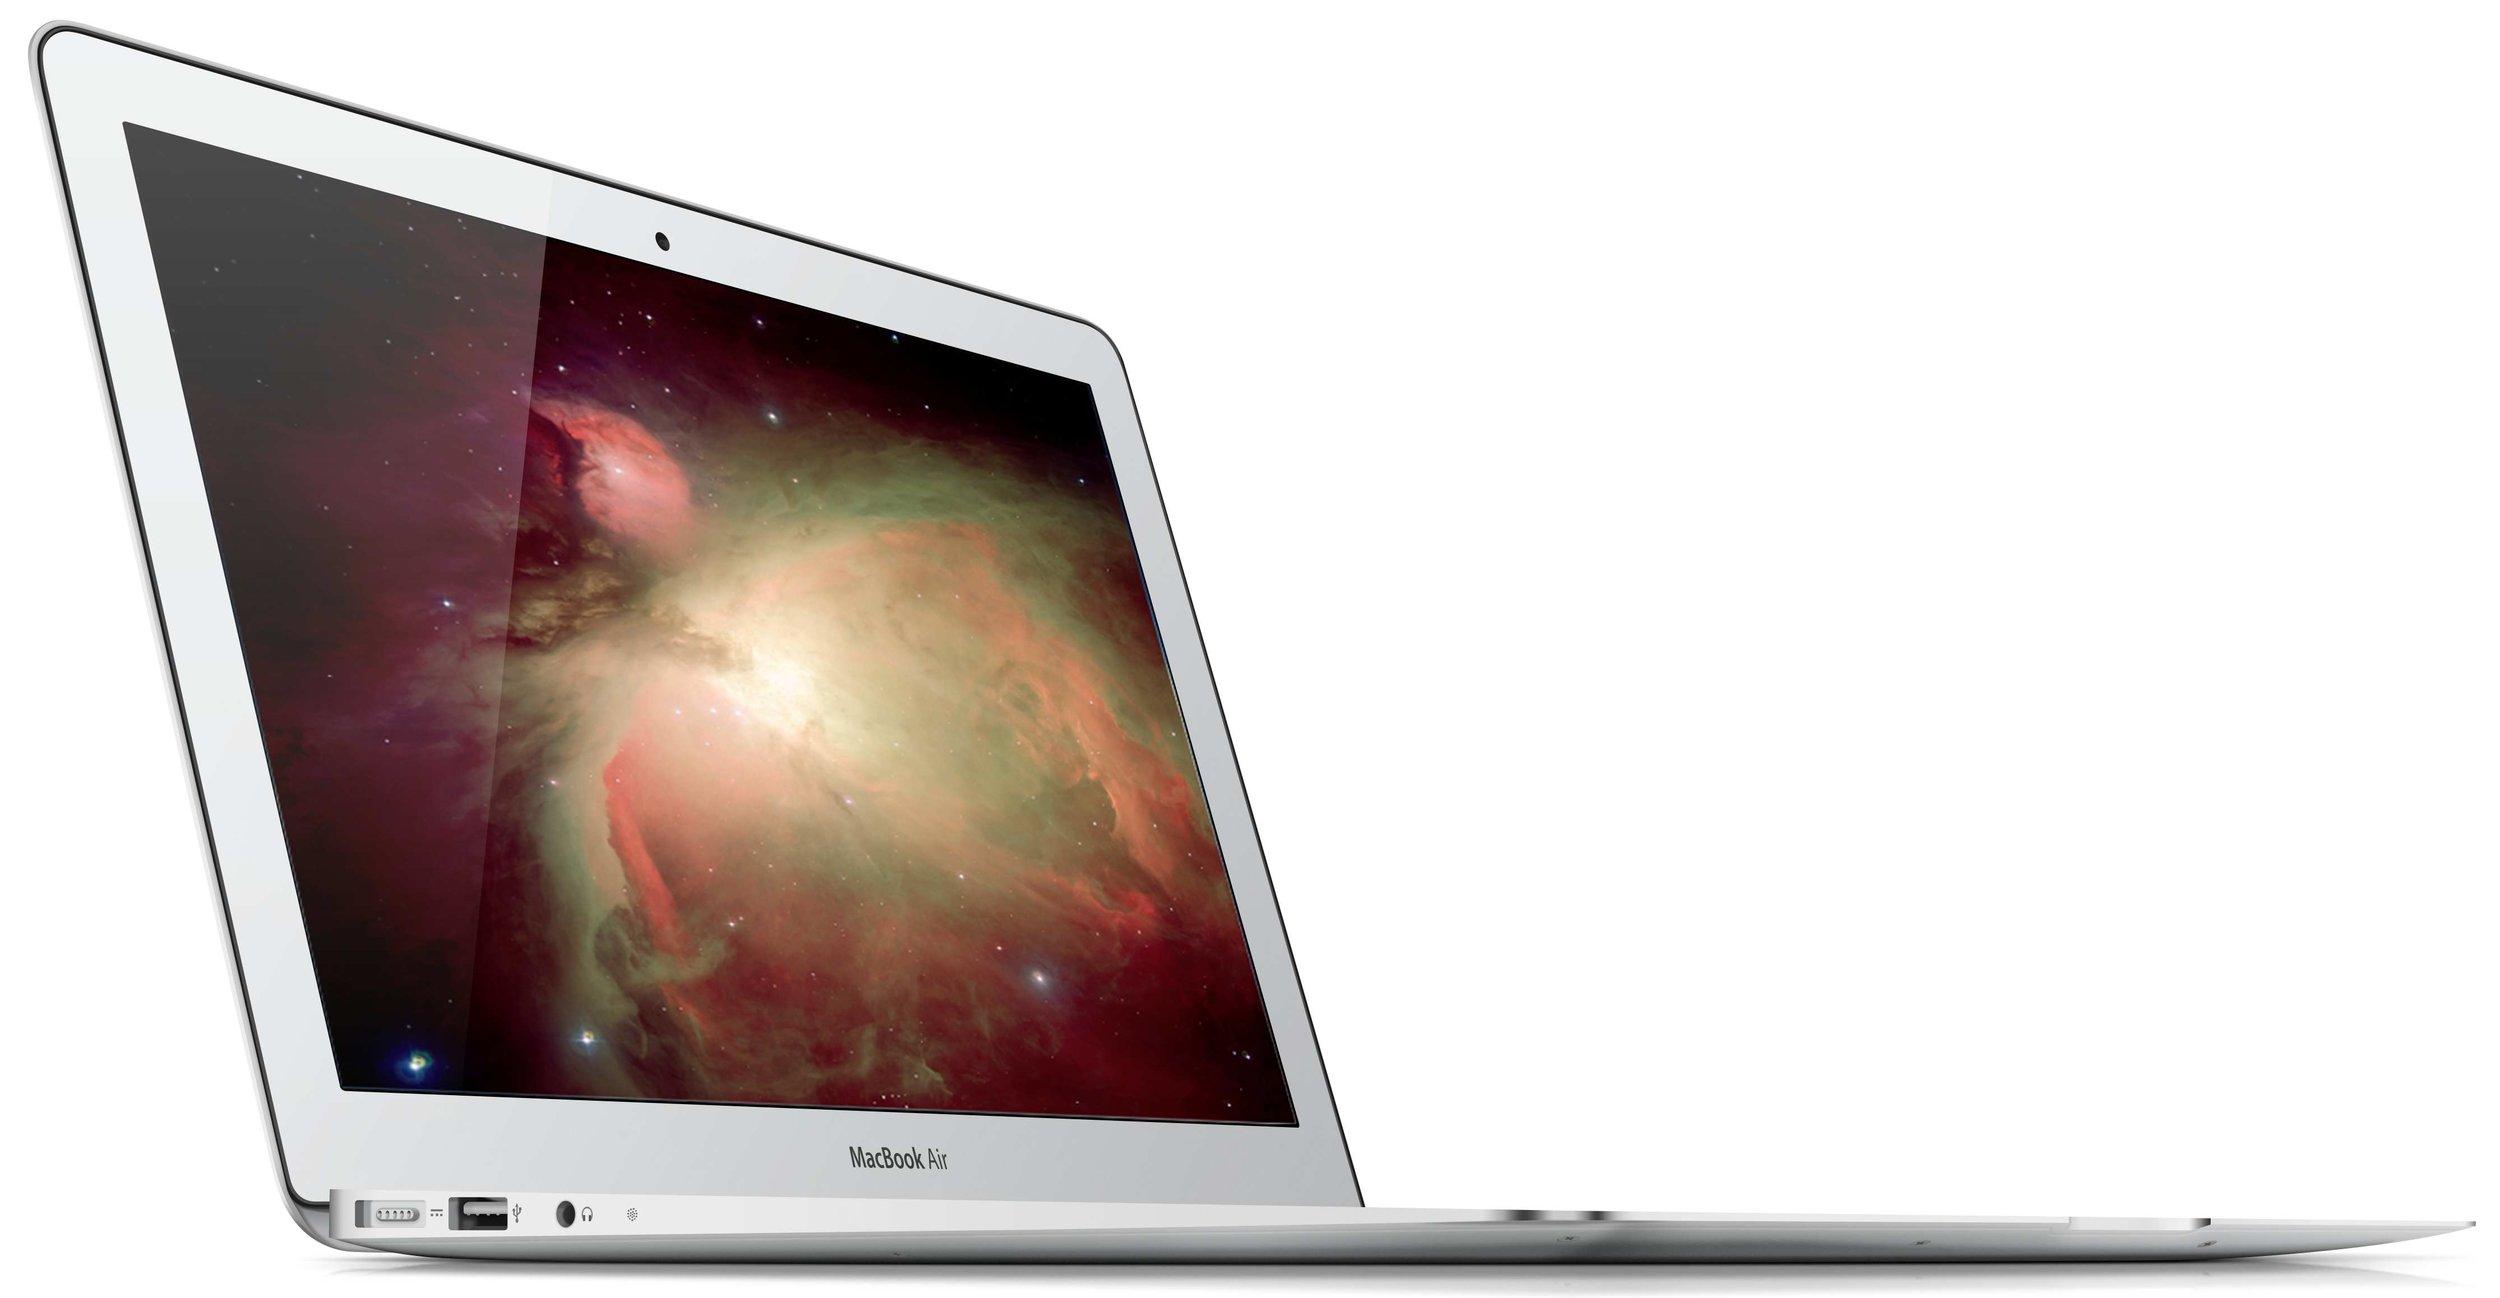 MacBook_Air_Mid_2012-compressed.jpg